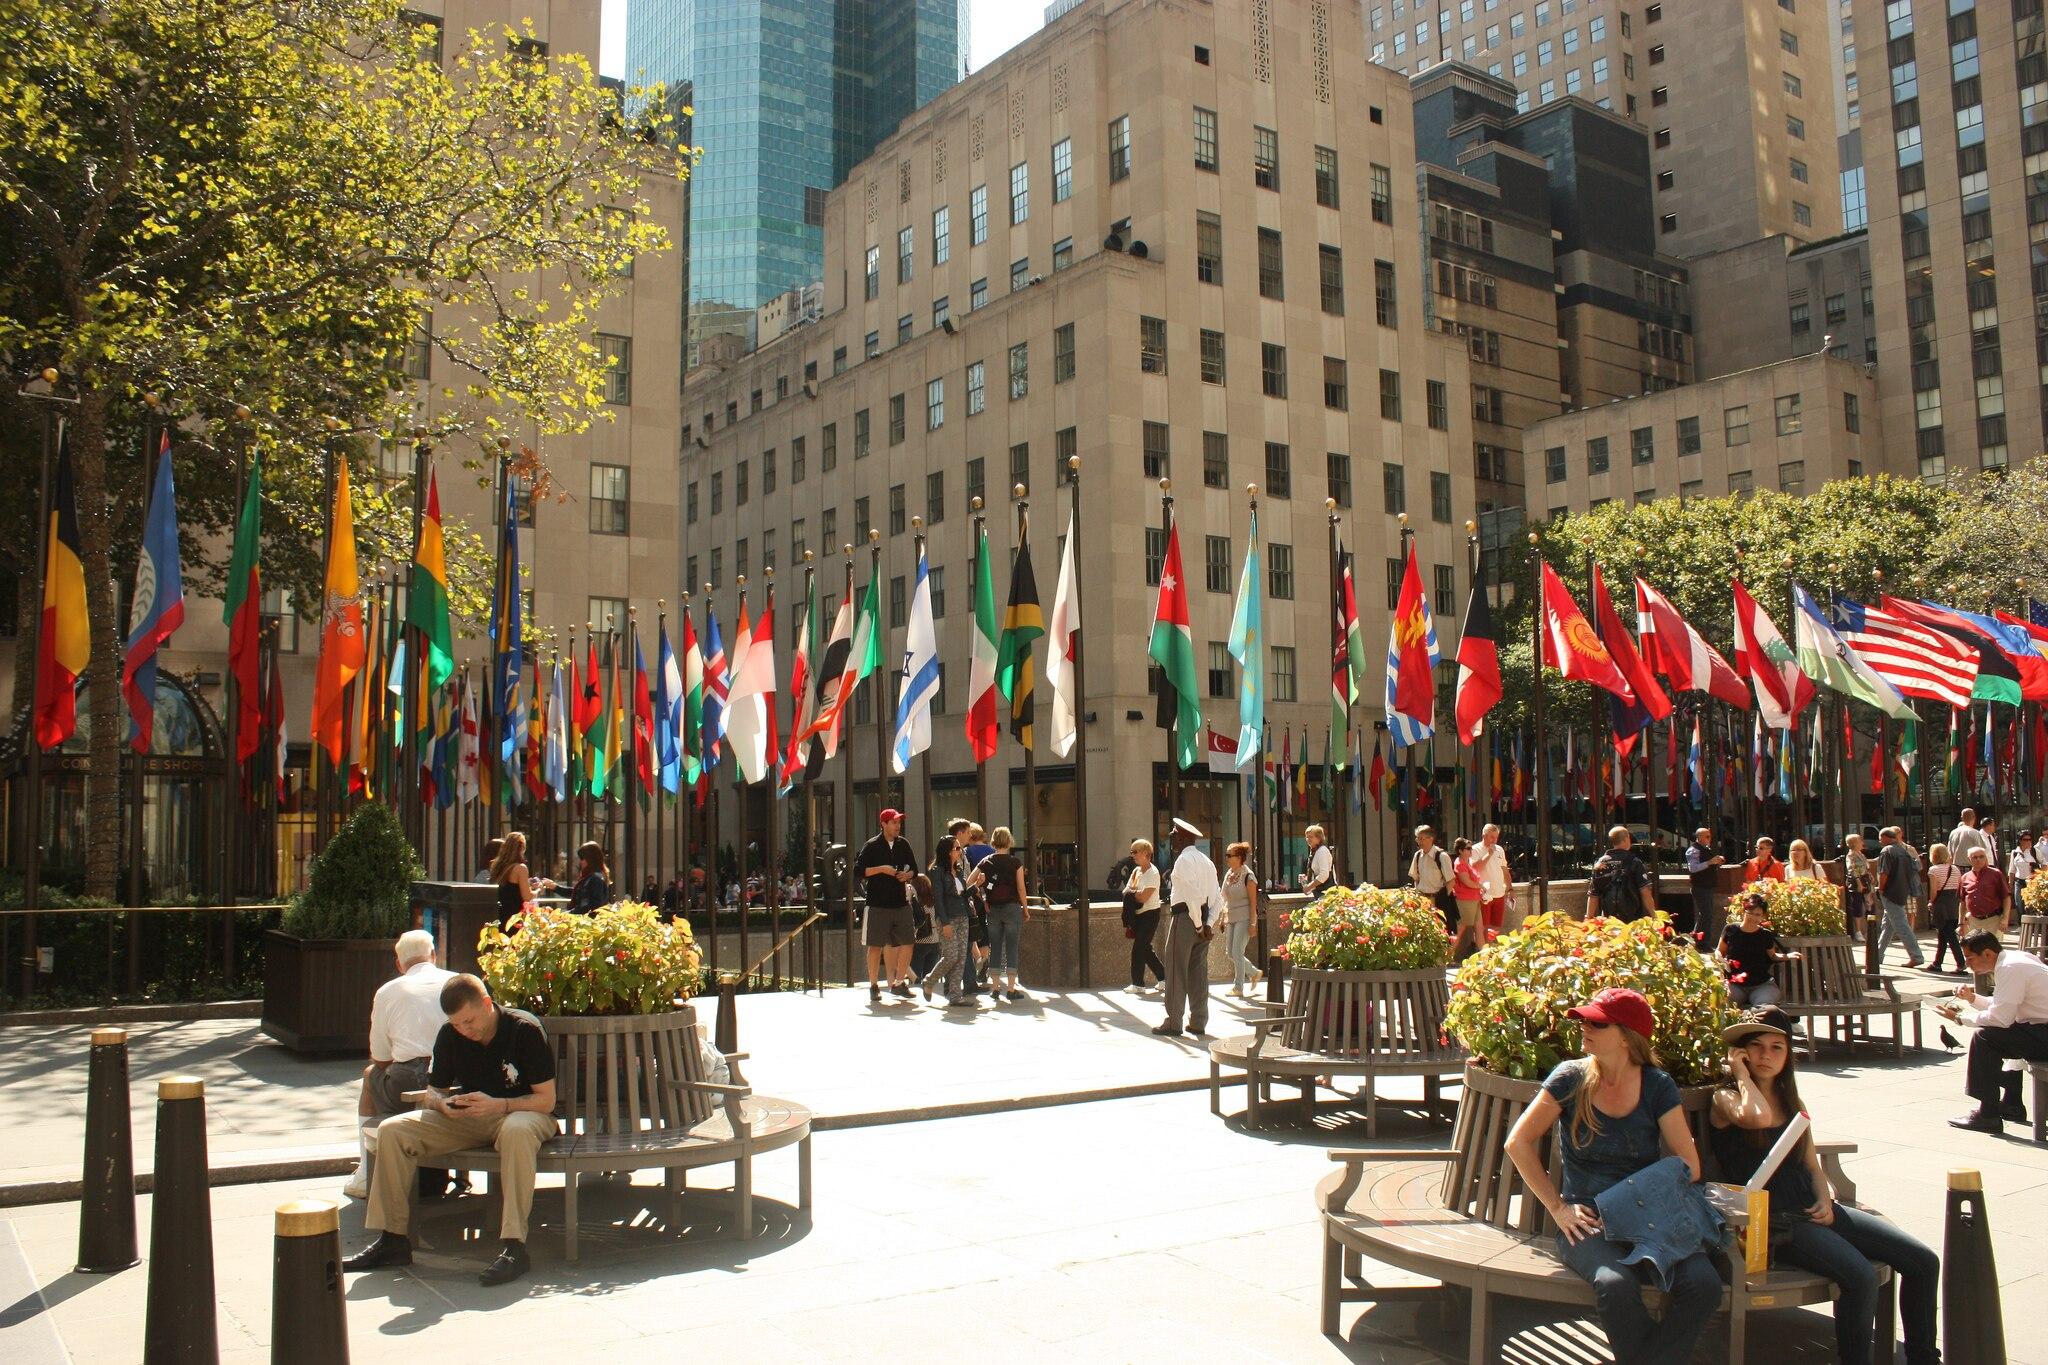 ニューヨークの人気観光スポット・ロックフェラーセンターを詳しくご紹介!